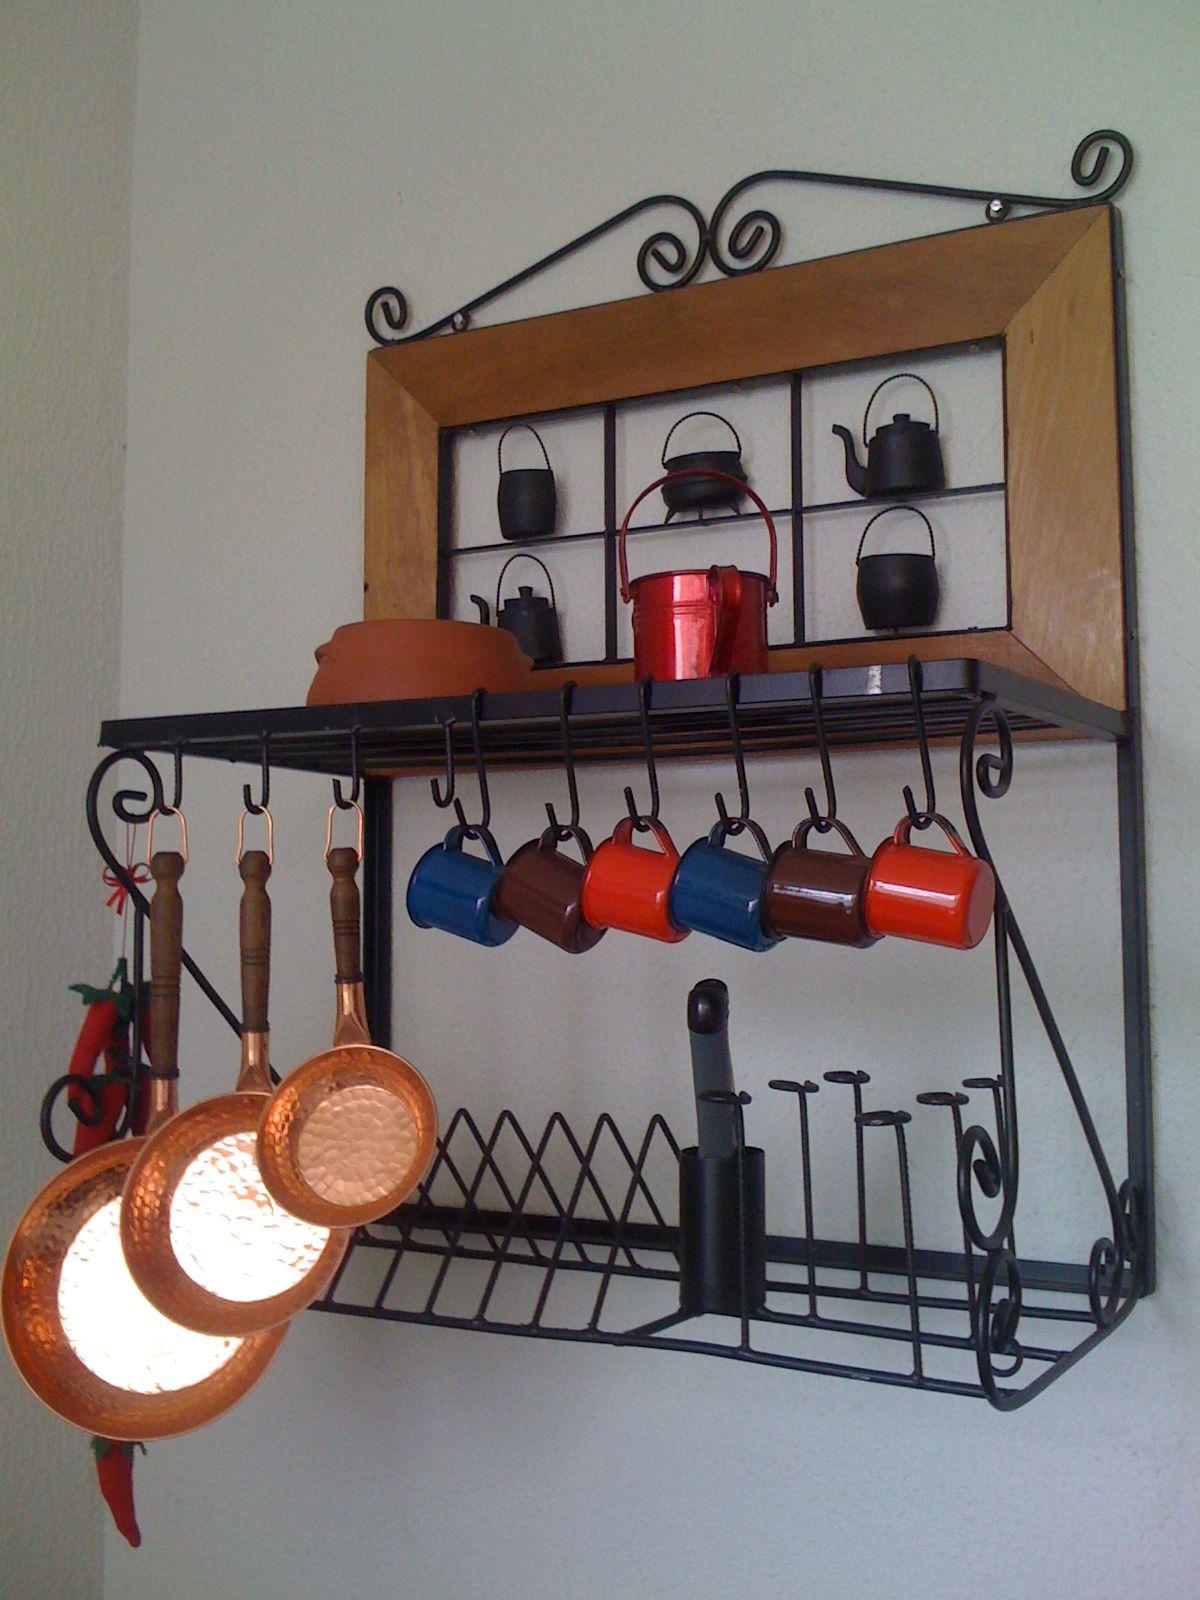 Renovalar - Ideias e dicas para decorar seu lar.